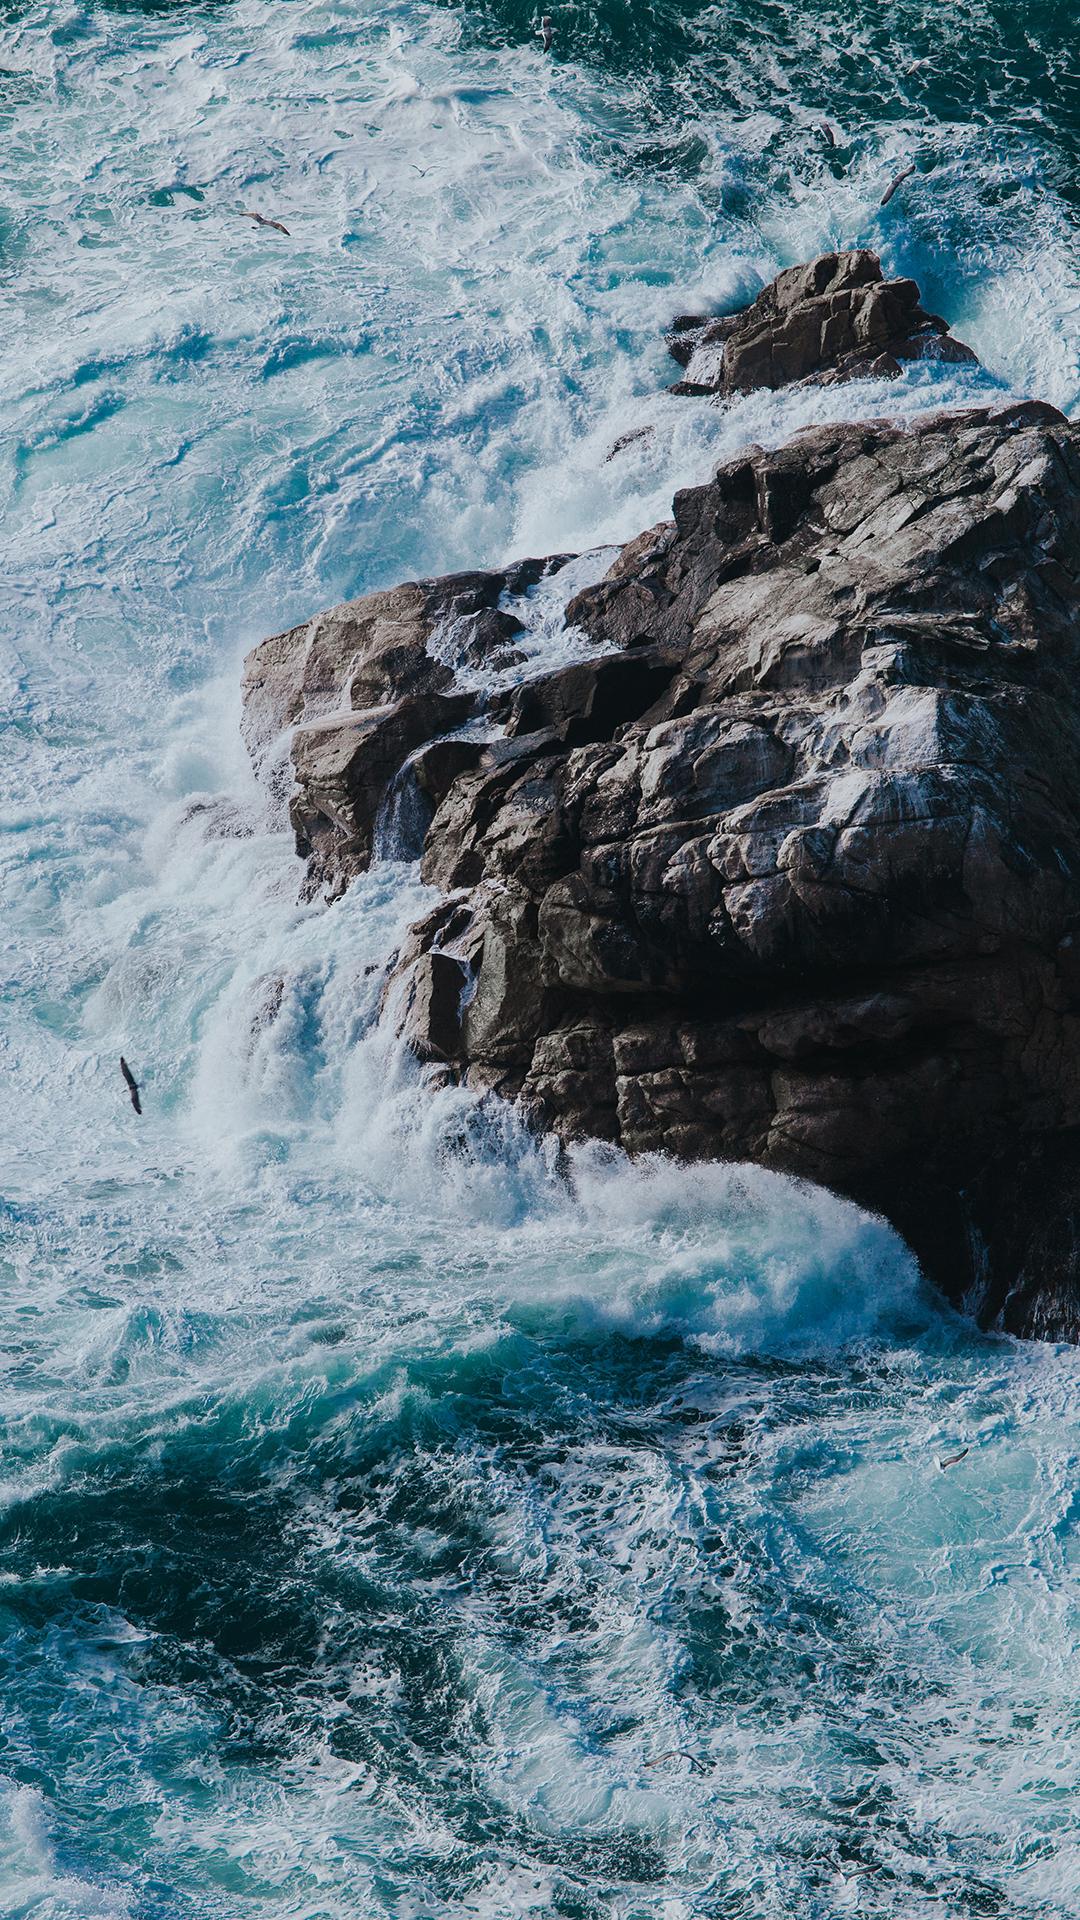 大海 礁石 海浪 风景 苹果手机高清壁纸 1080x1920